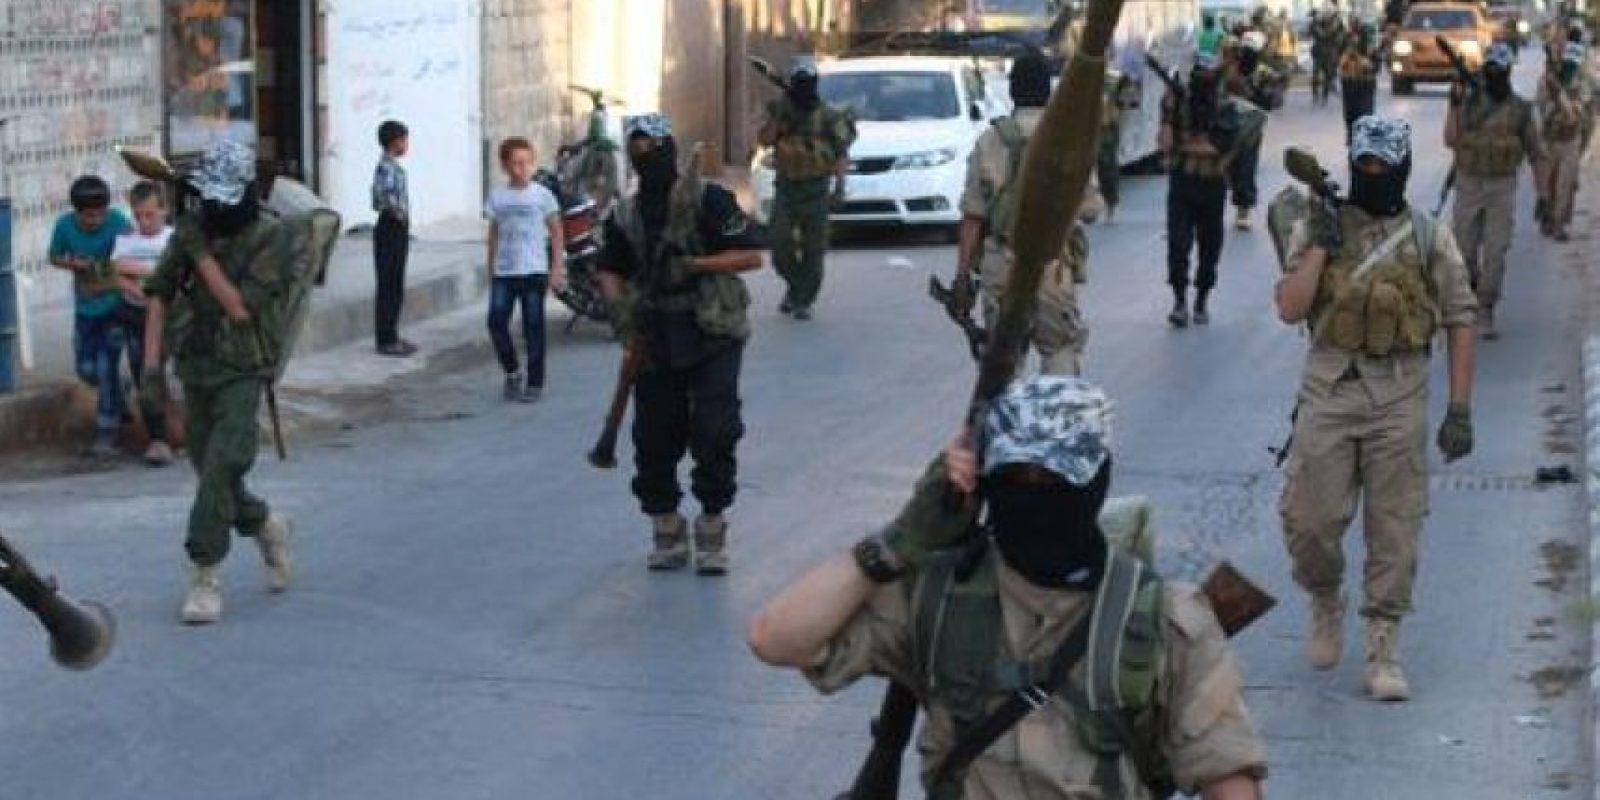 Los militantes de ISIS suelen hacer caravanas de promoción Foto:Twitter.com/raqqa_mcr